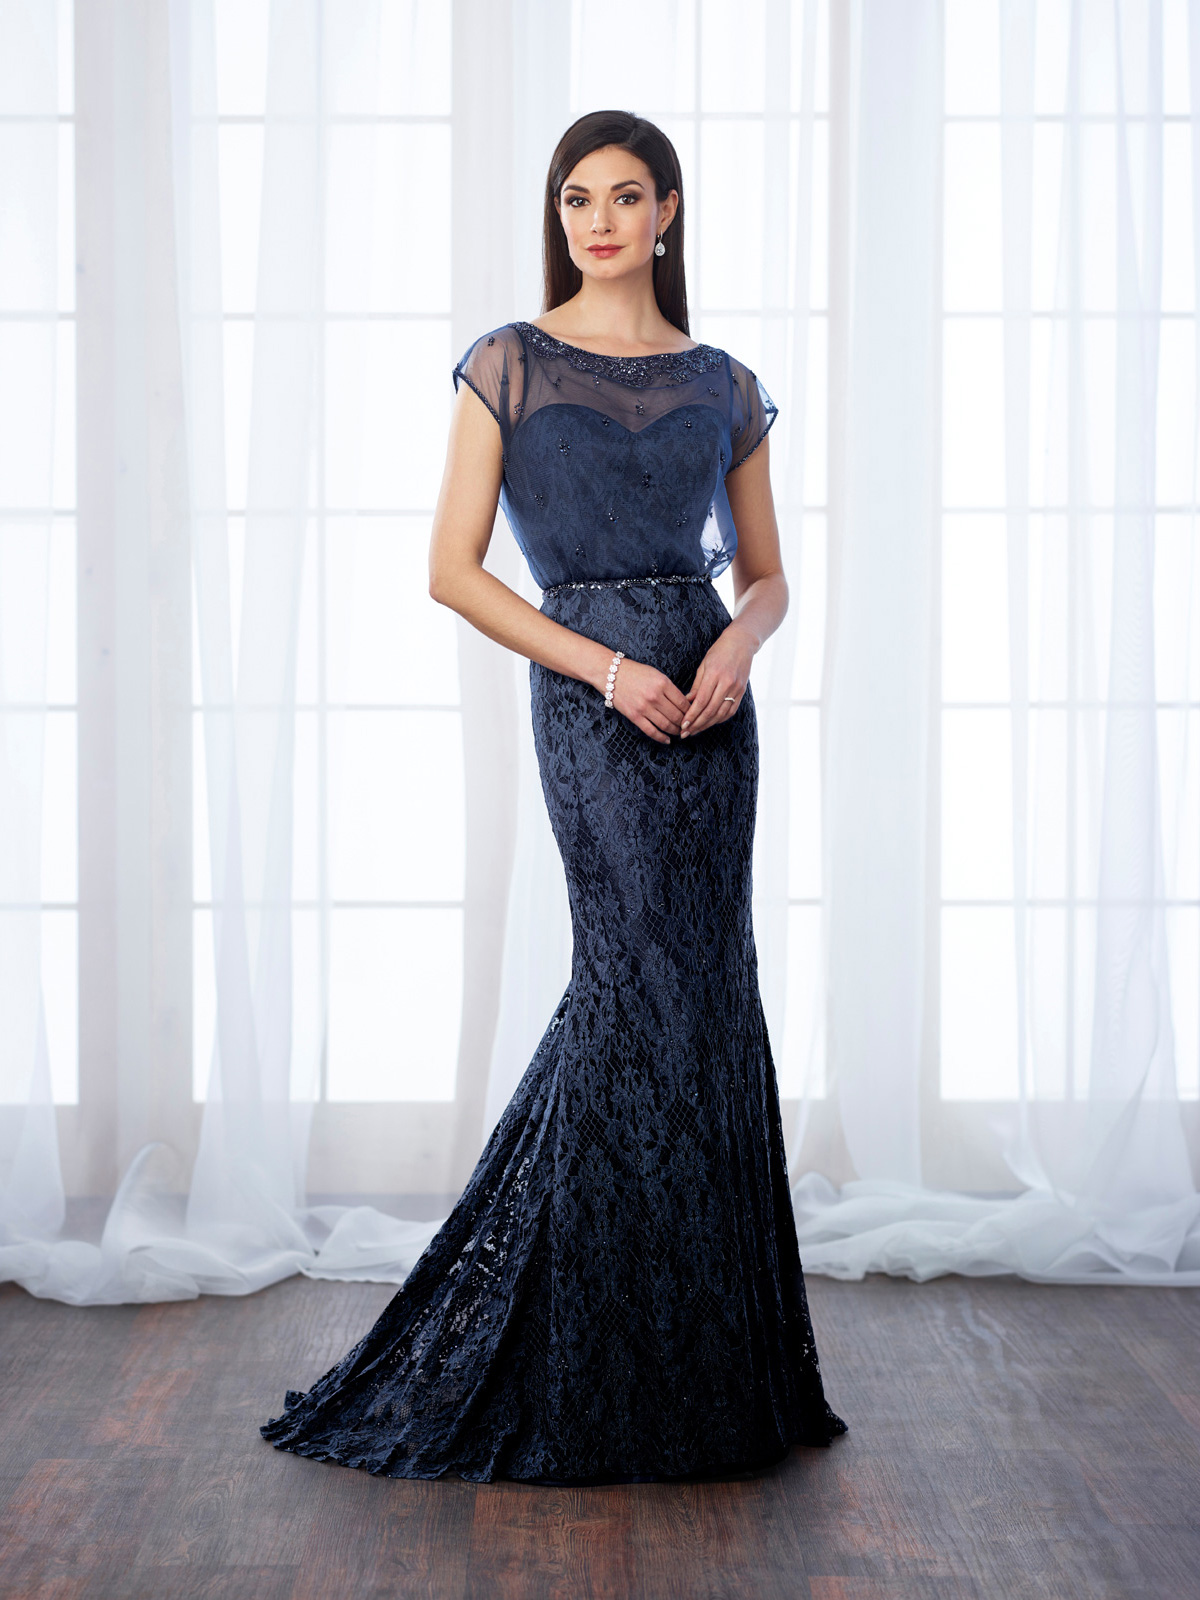 Vestido de Festa charmoso todo confeccionado em renda francesa e corte levemente sereia, detalhe de blusê em tule francês rebordado em pedrarias e cinto em cristais.